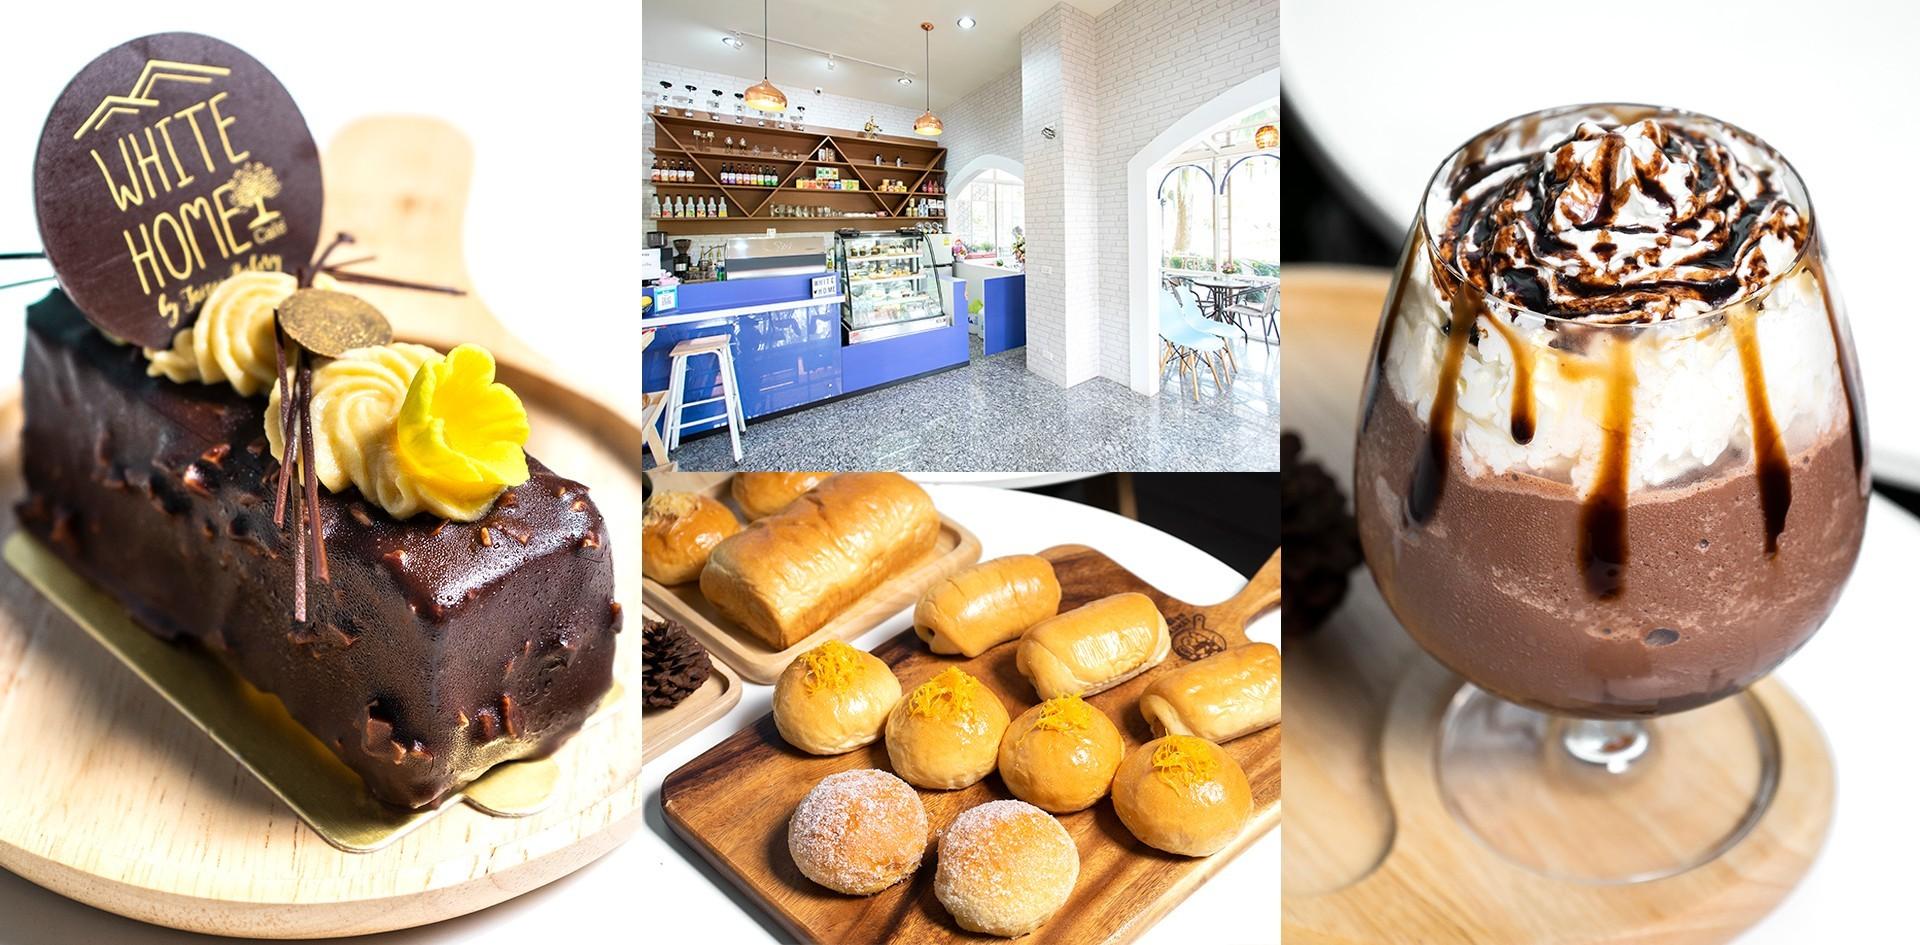 [รีวิว] White Home Cafe คาเฟ่เชียงใหม่สำหรับคนที่มีใจรักเบเกอรีหอม ๆ